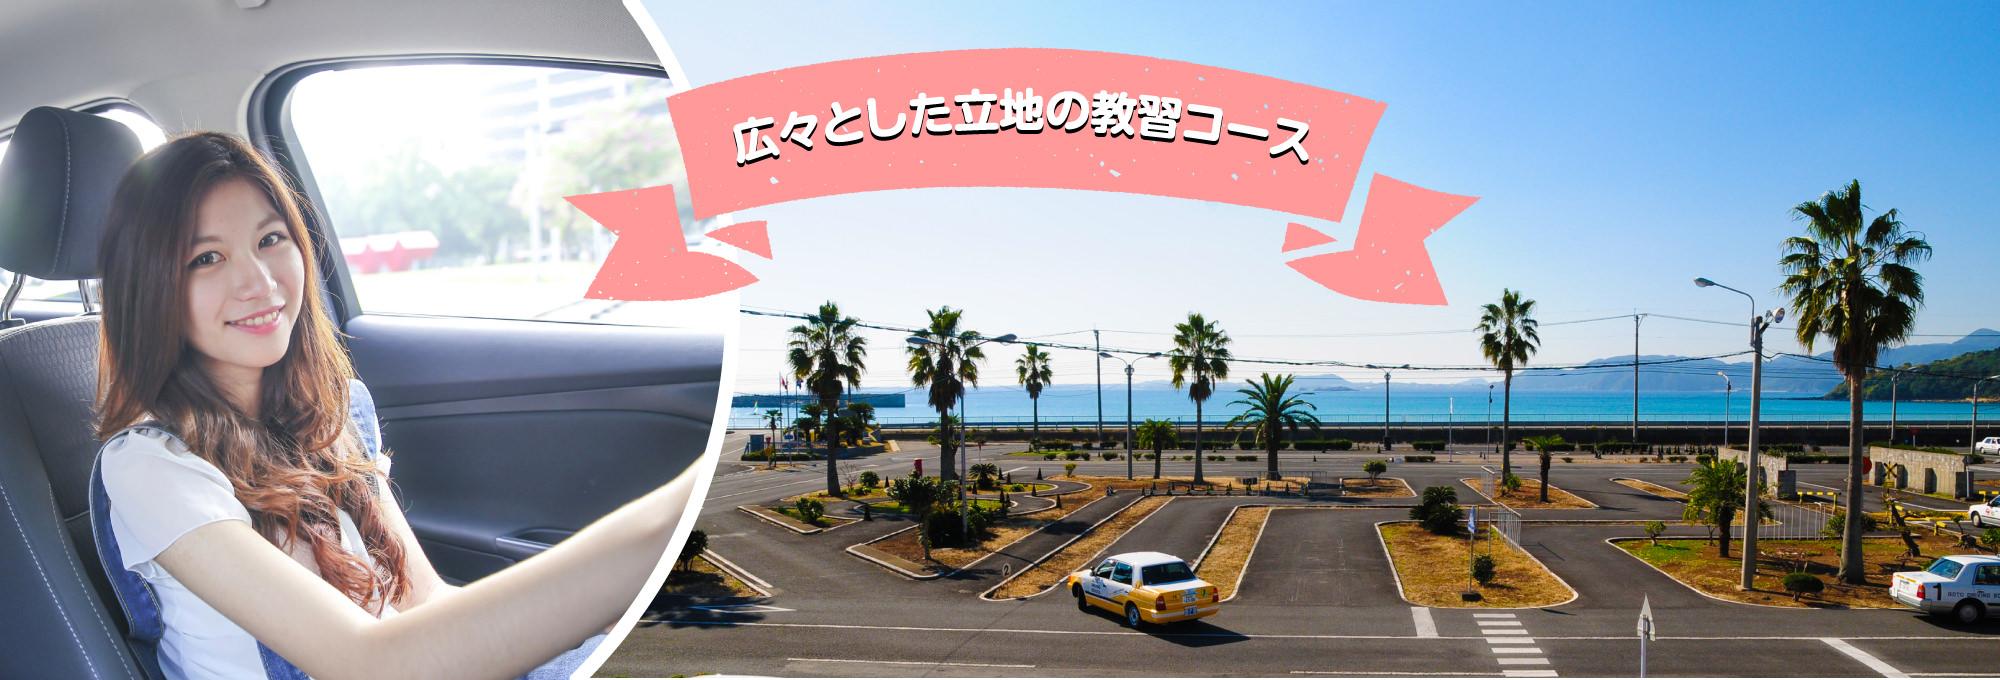 五島自動車学校 広々講習コース